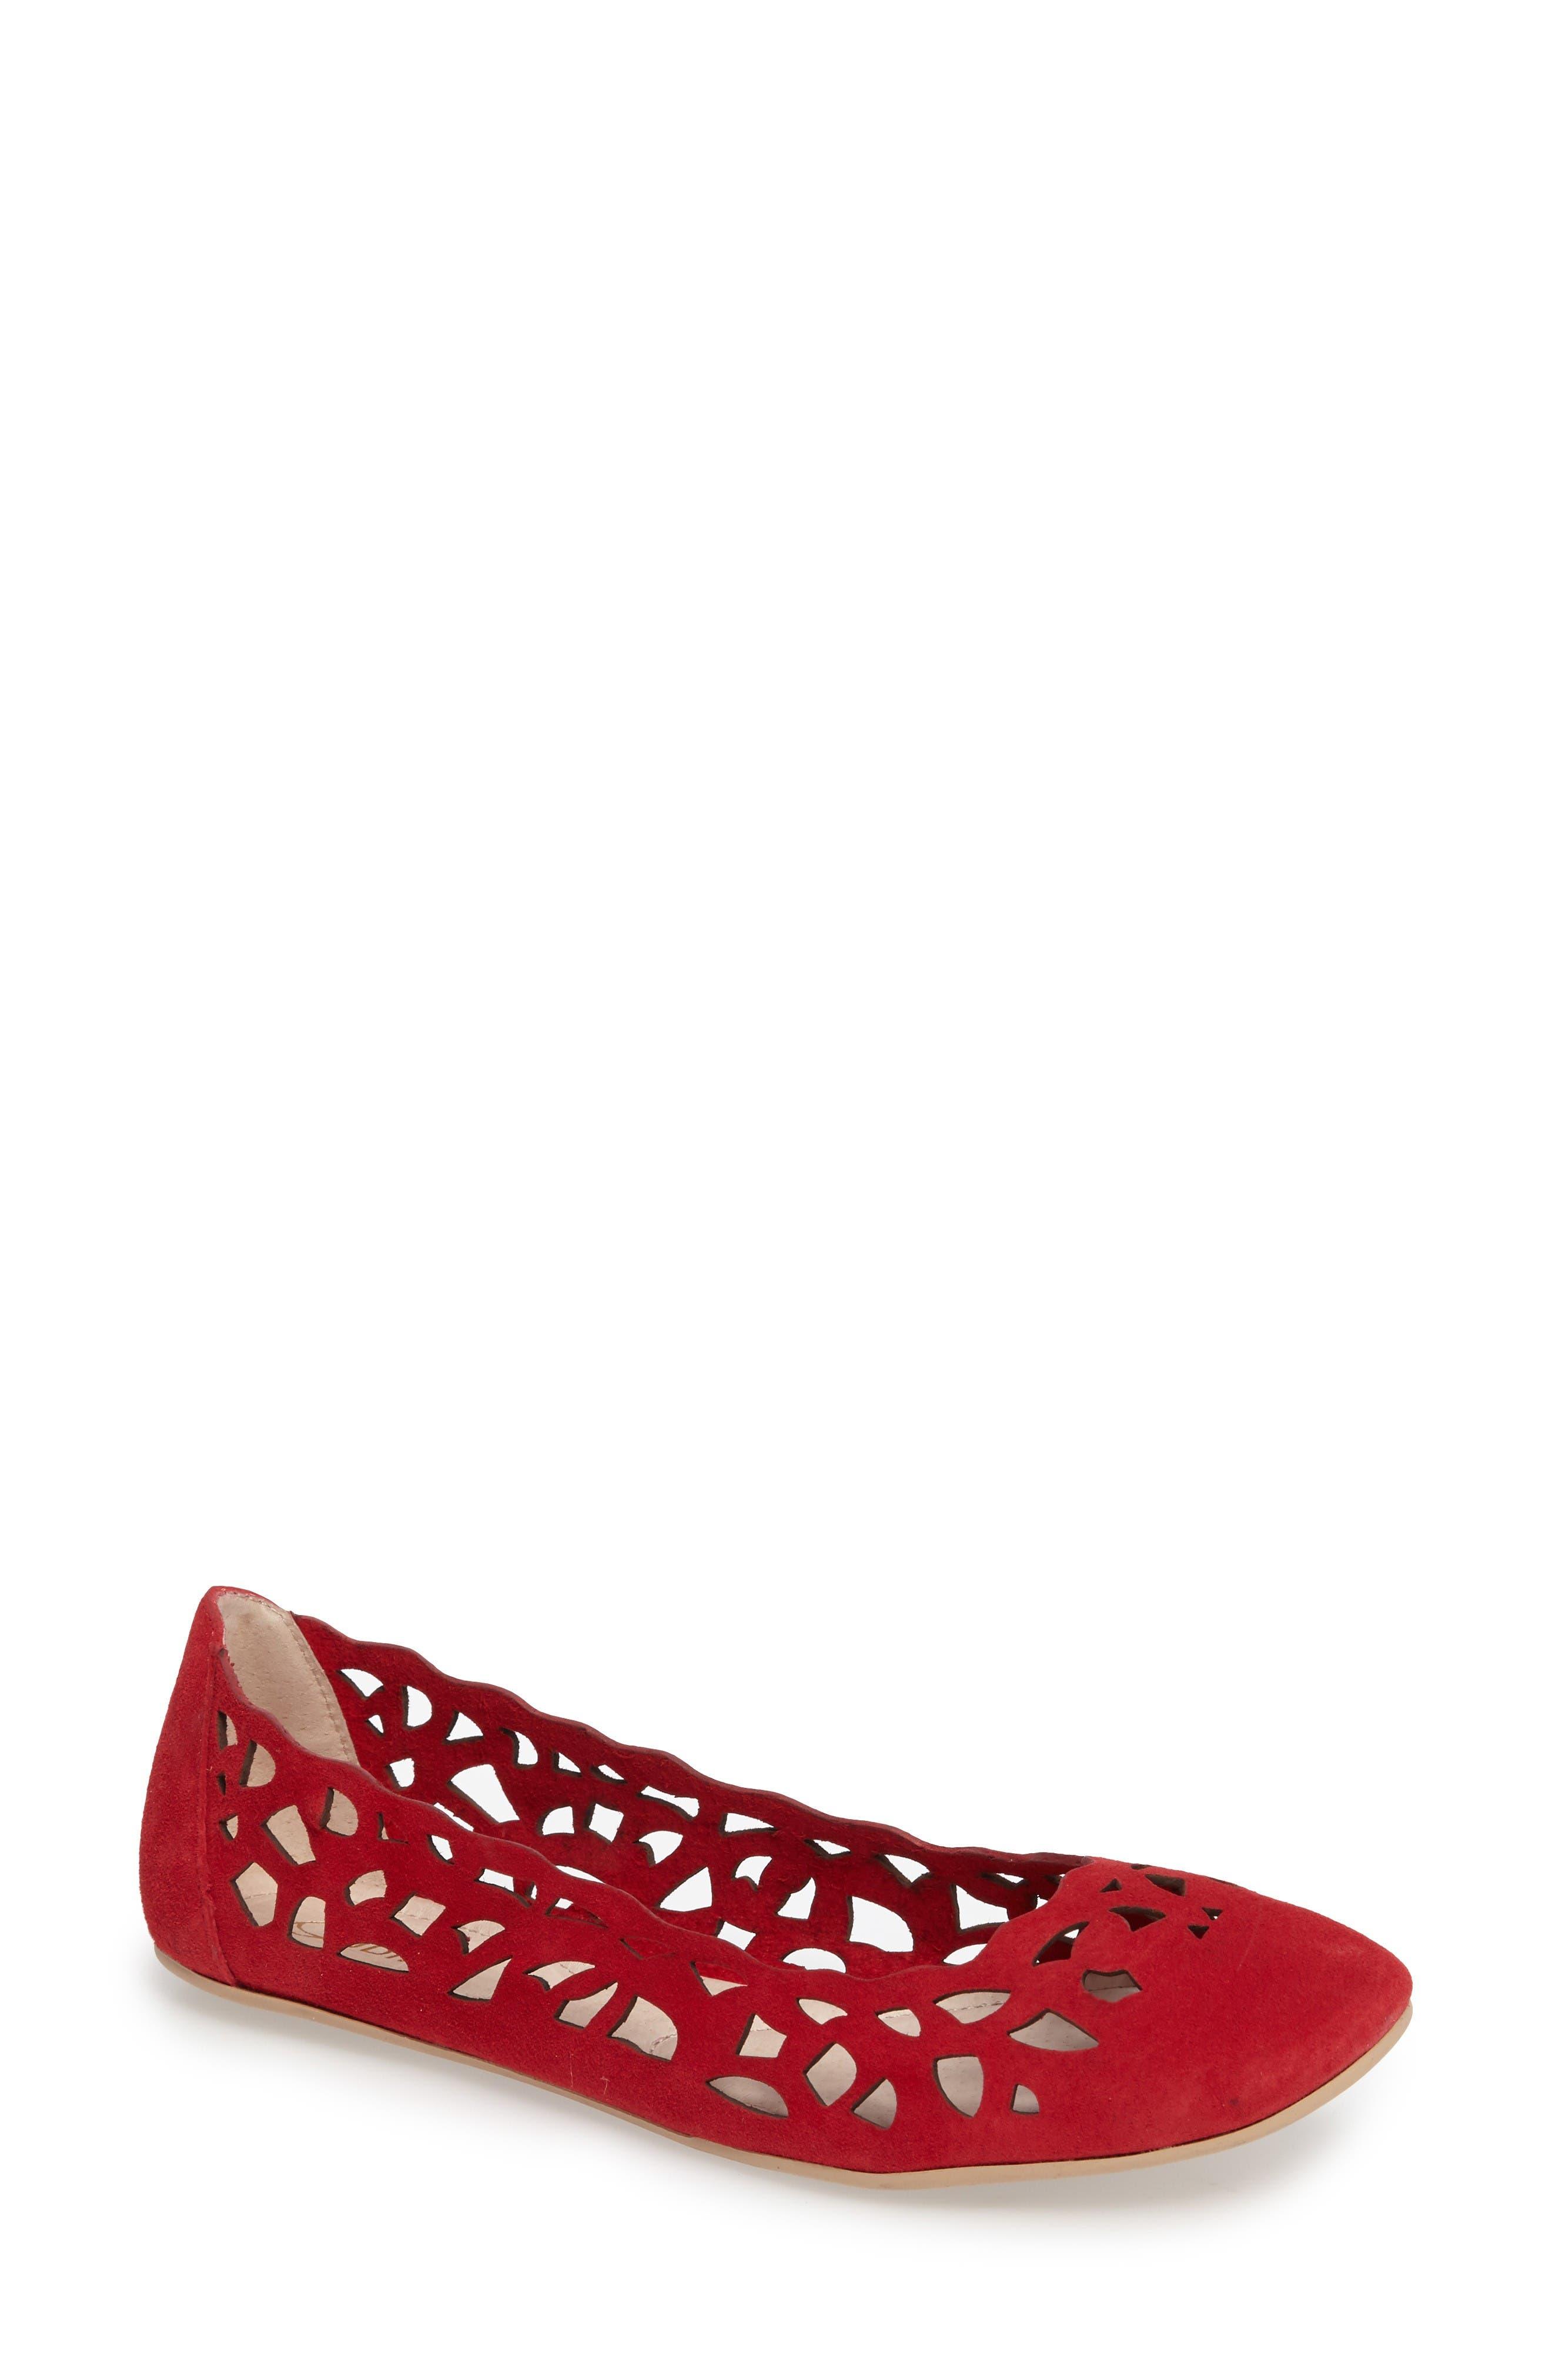 Alternate Image 1 Selected - Sudini Sonya Perforated Flat (Women)